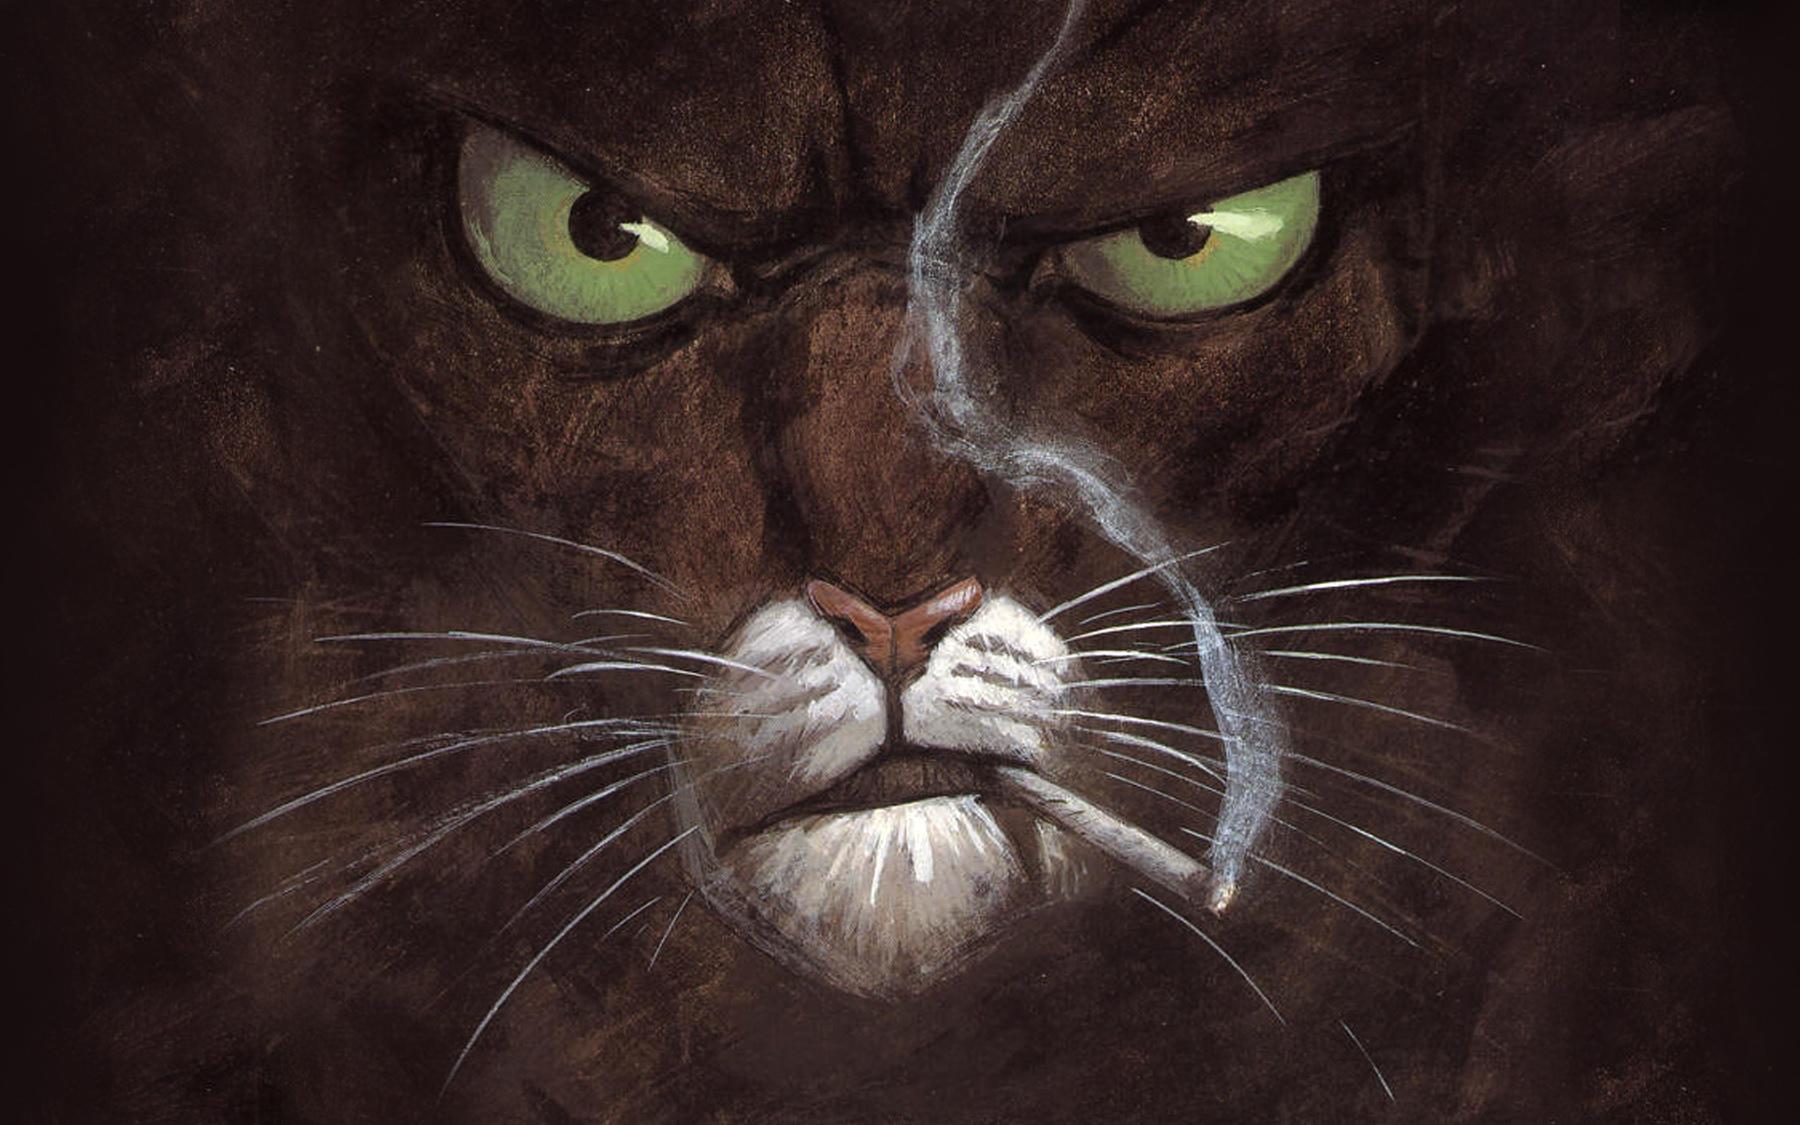 comics_heroes_cat_ears_blacksad_desktop_1800x1125_hd-wallpaper-752454